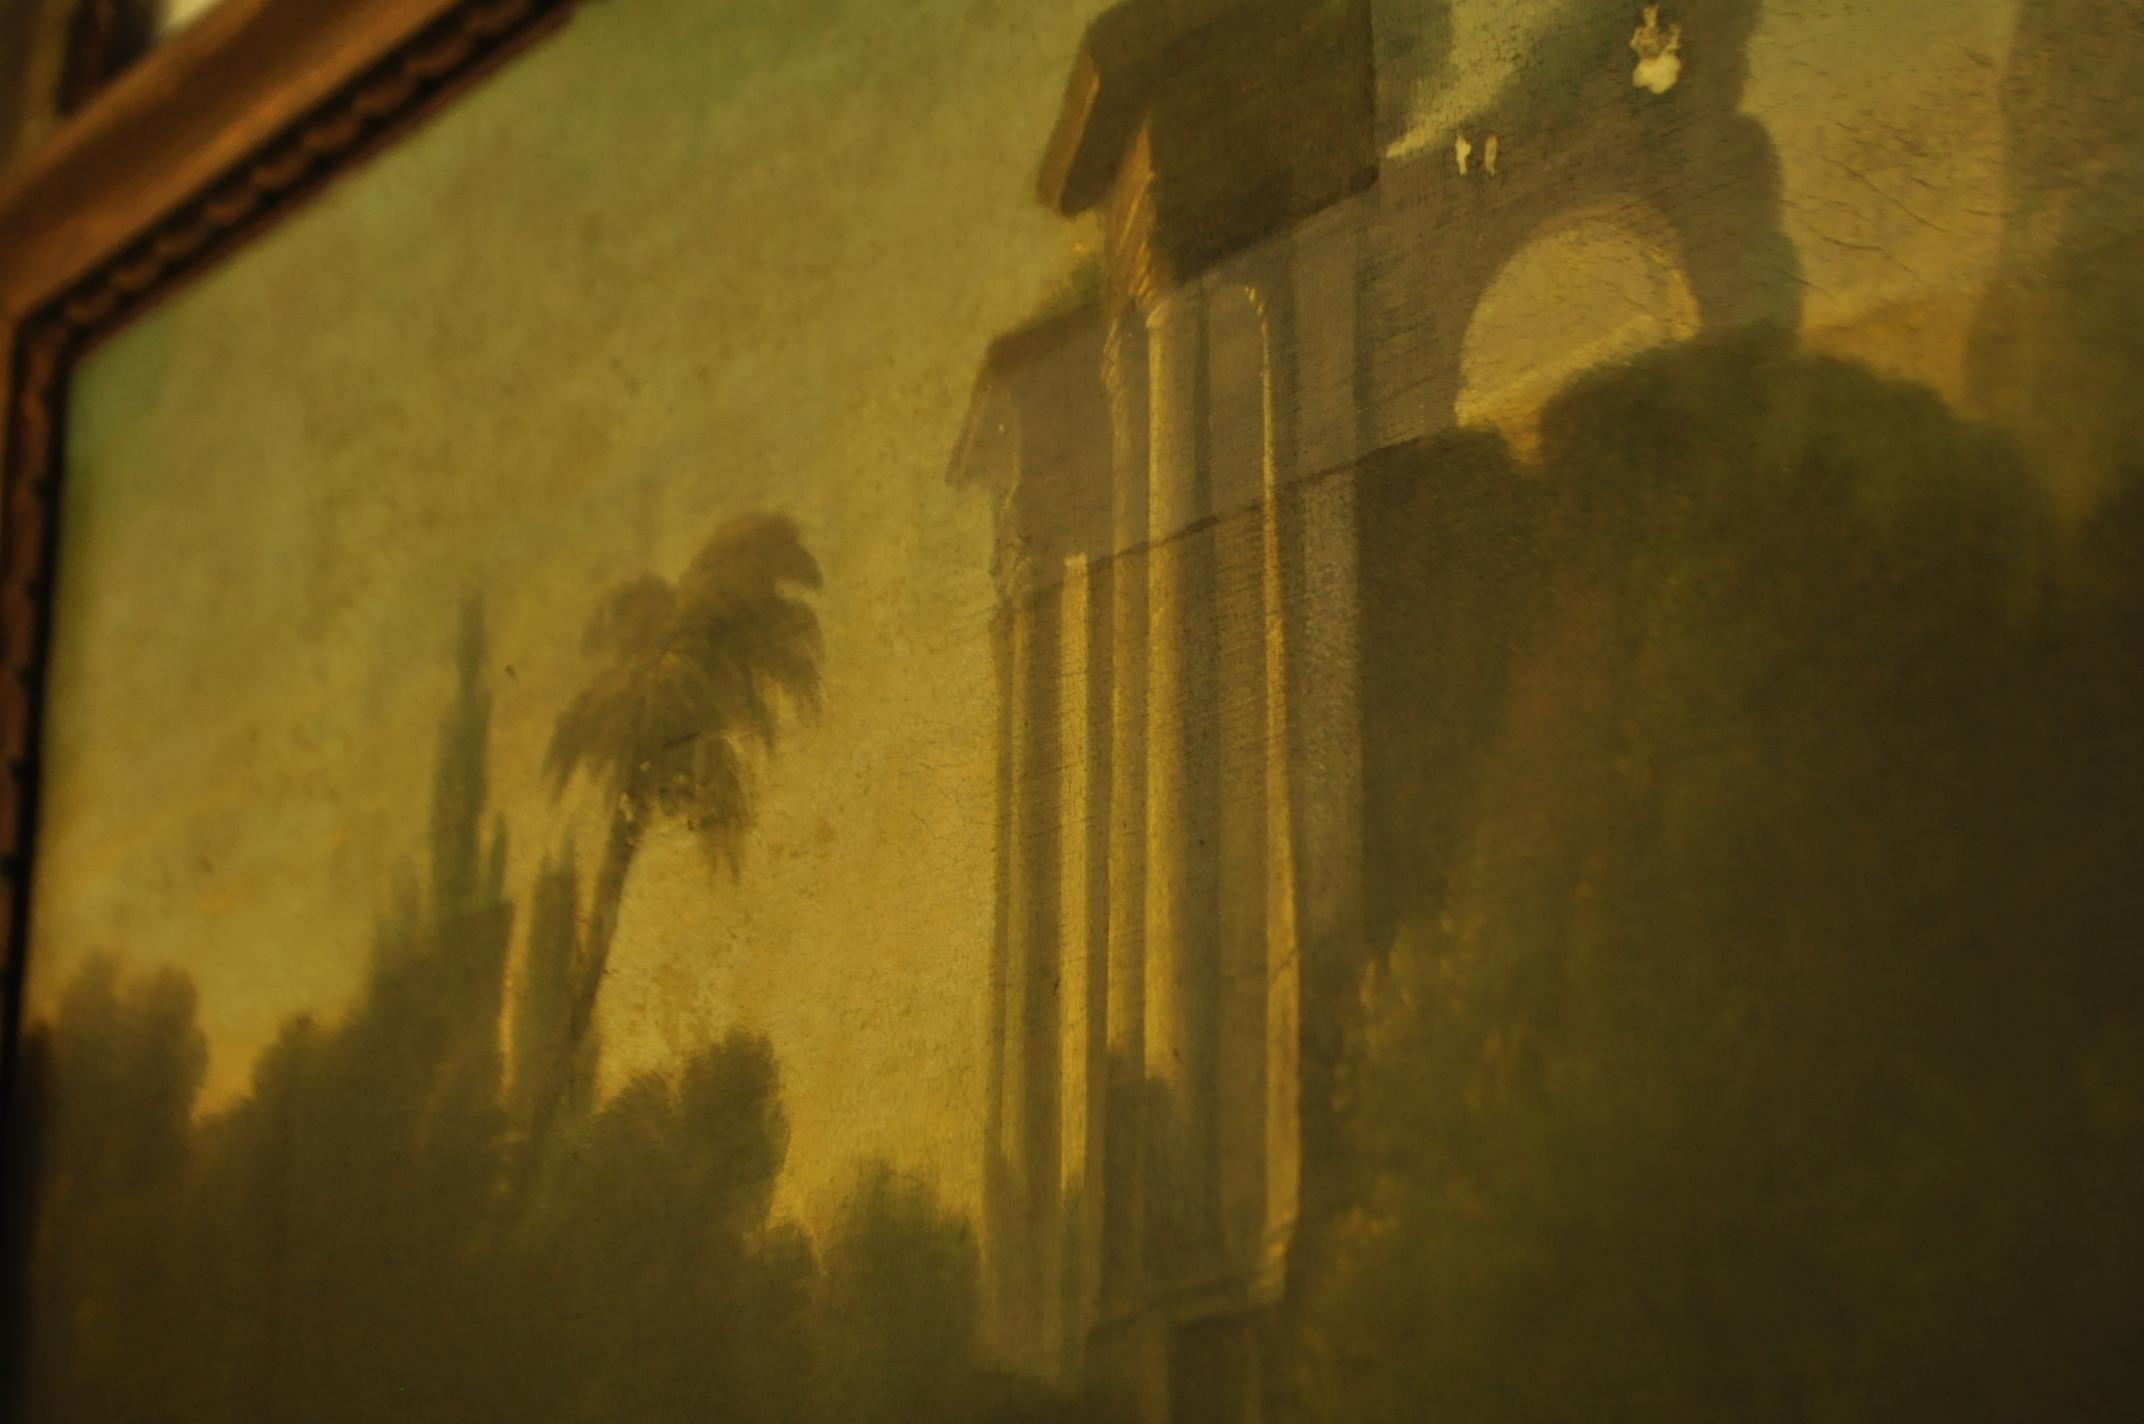 Particolare di un dipinto bisognoso di restauro